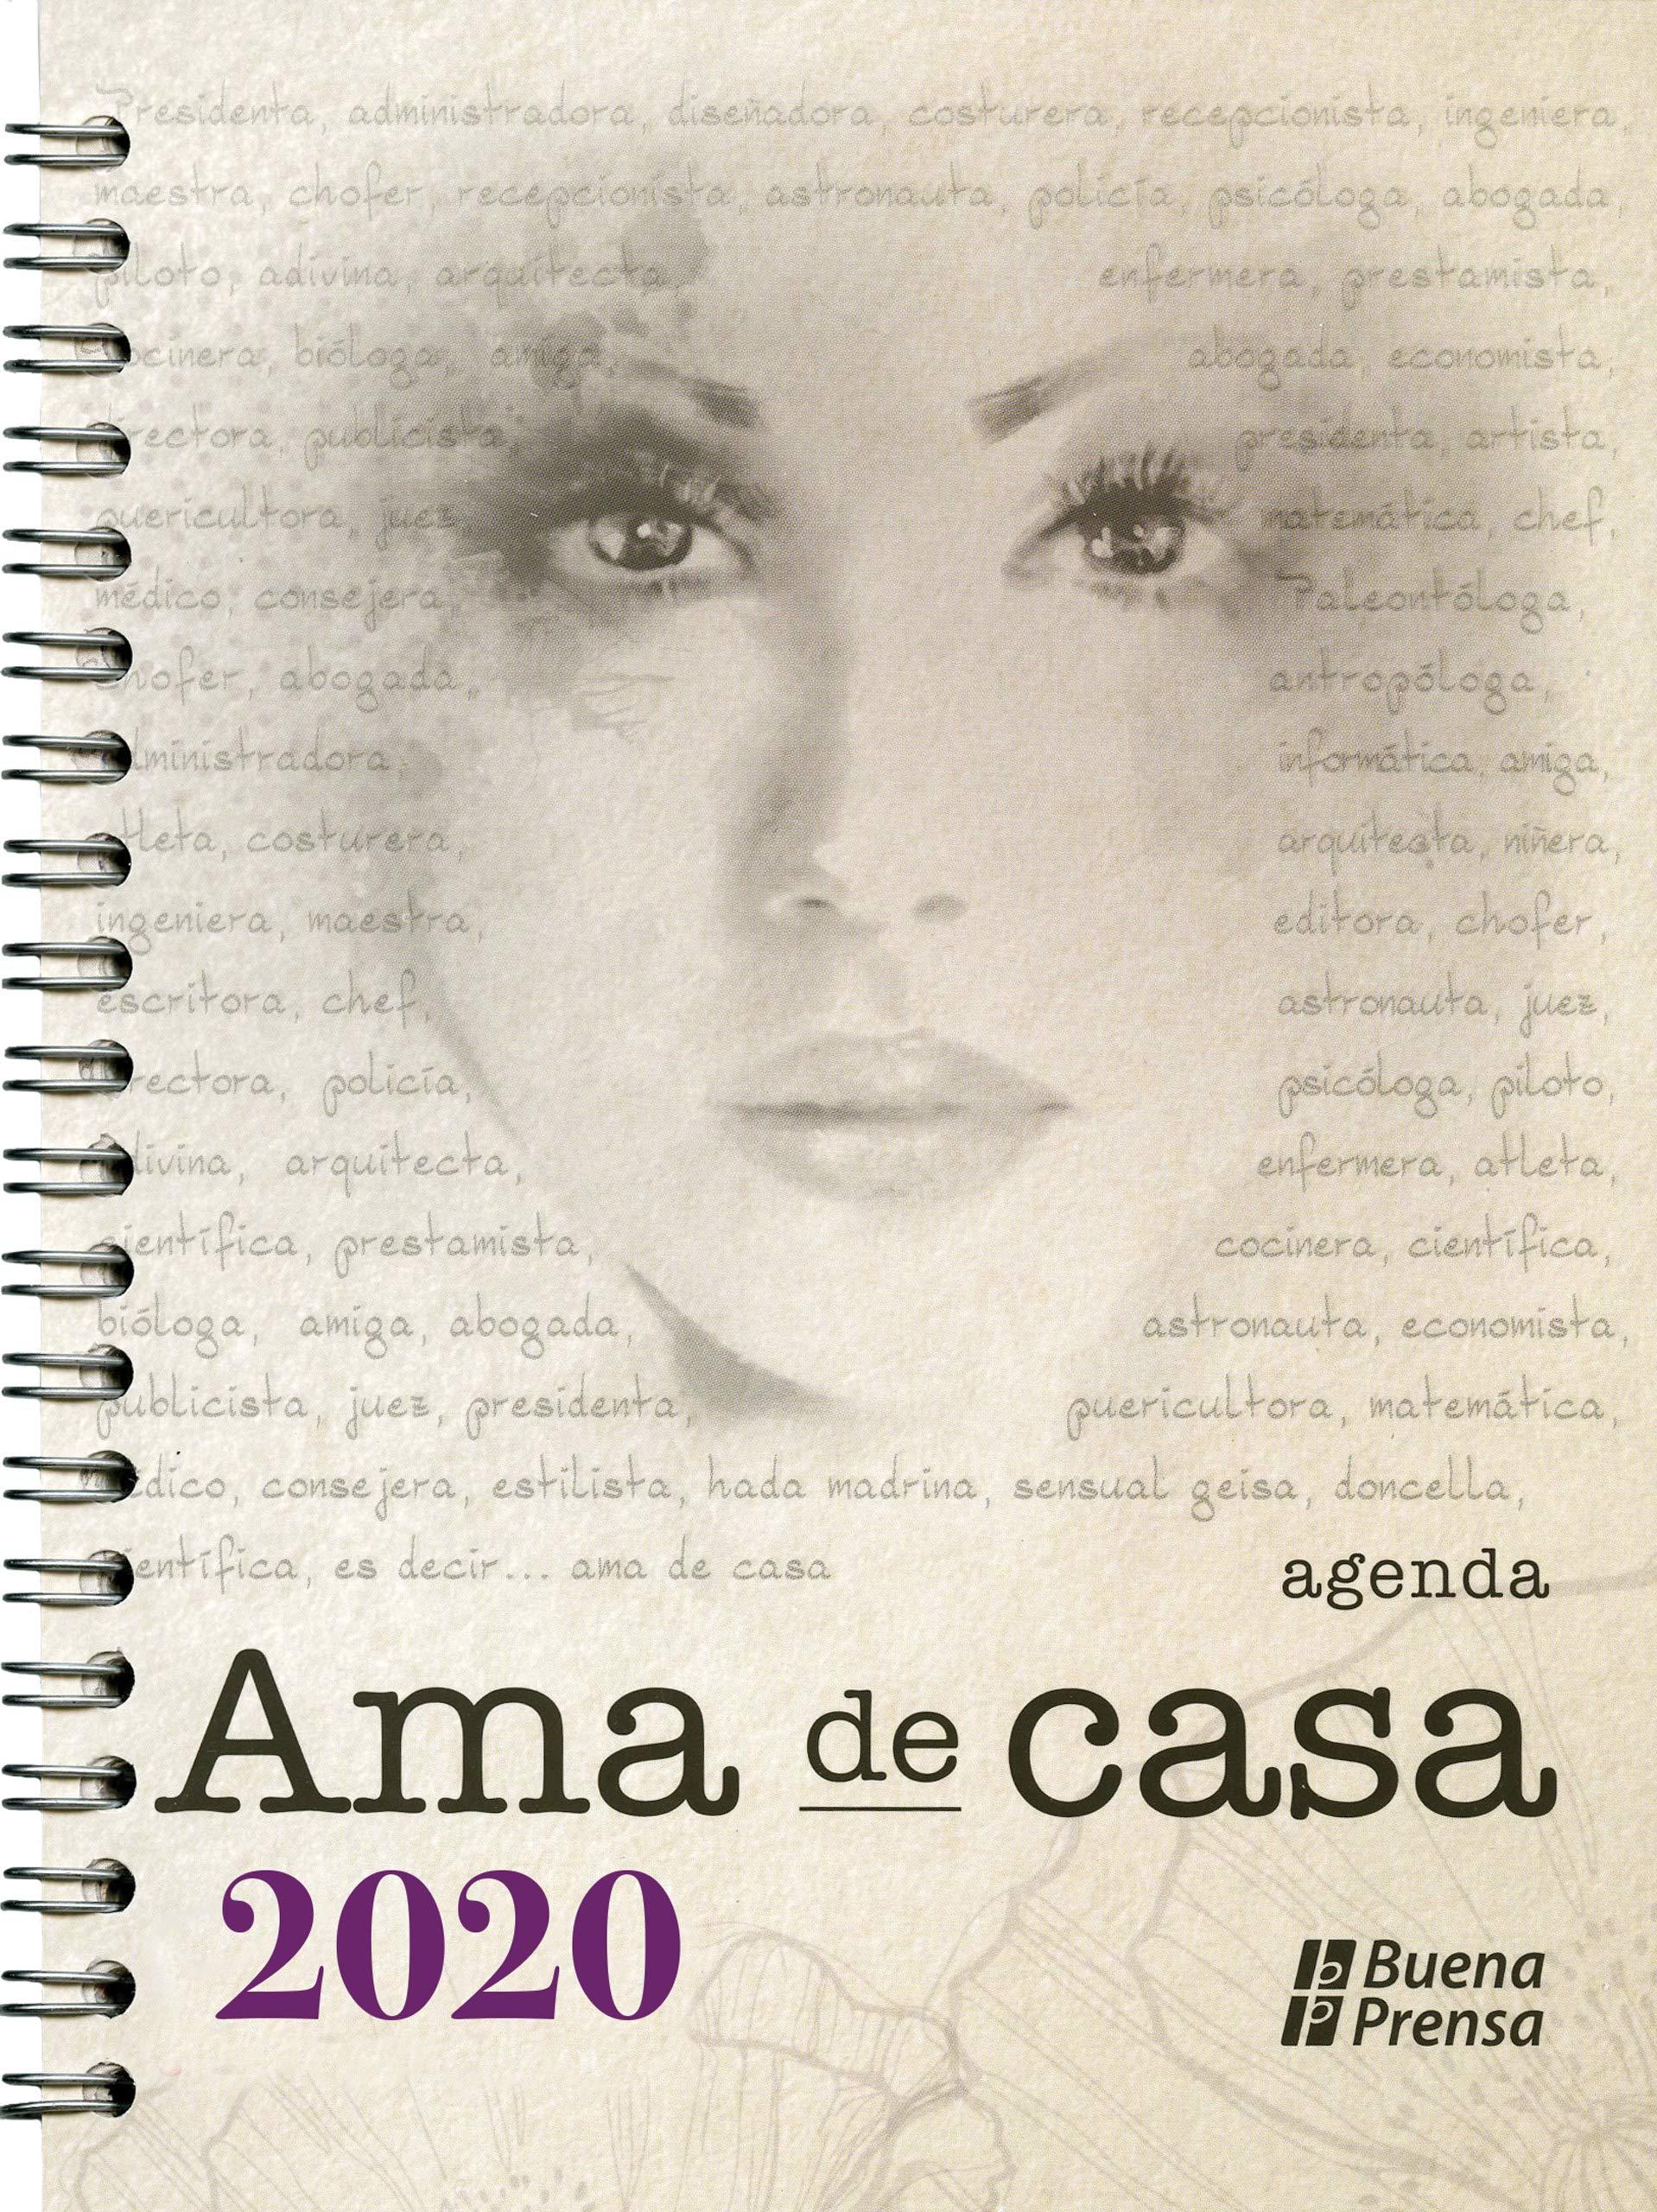 Agenda del ama de casa 2020 (Spanish Edition): Various ...